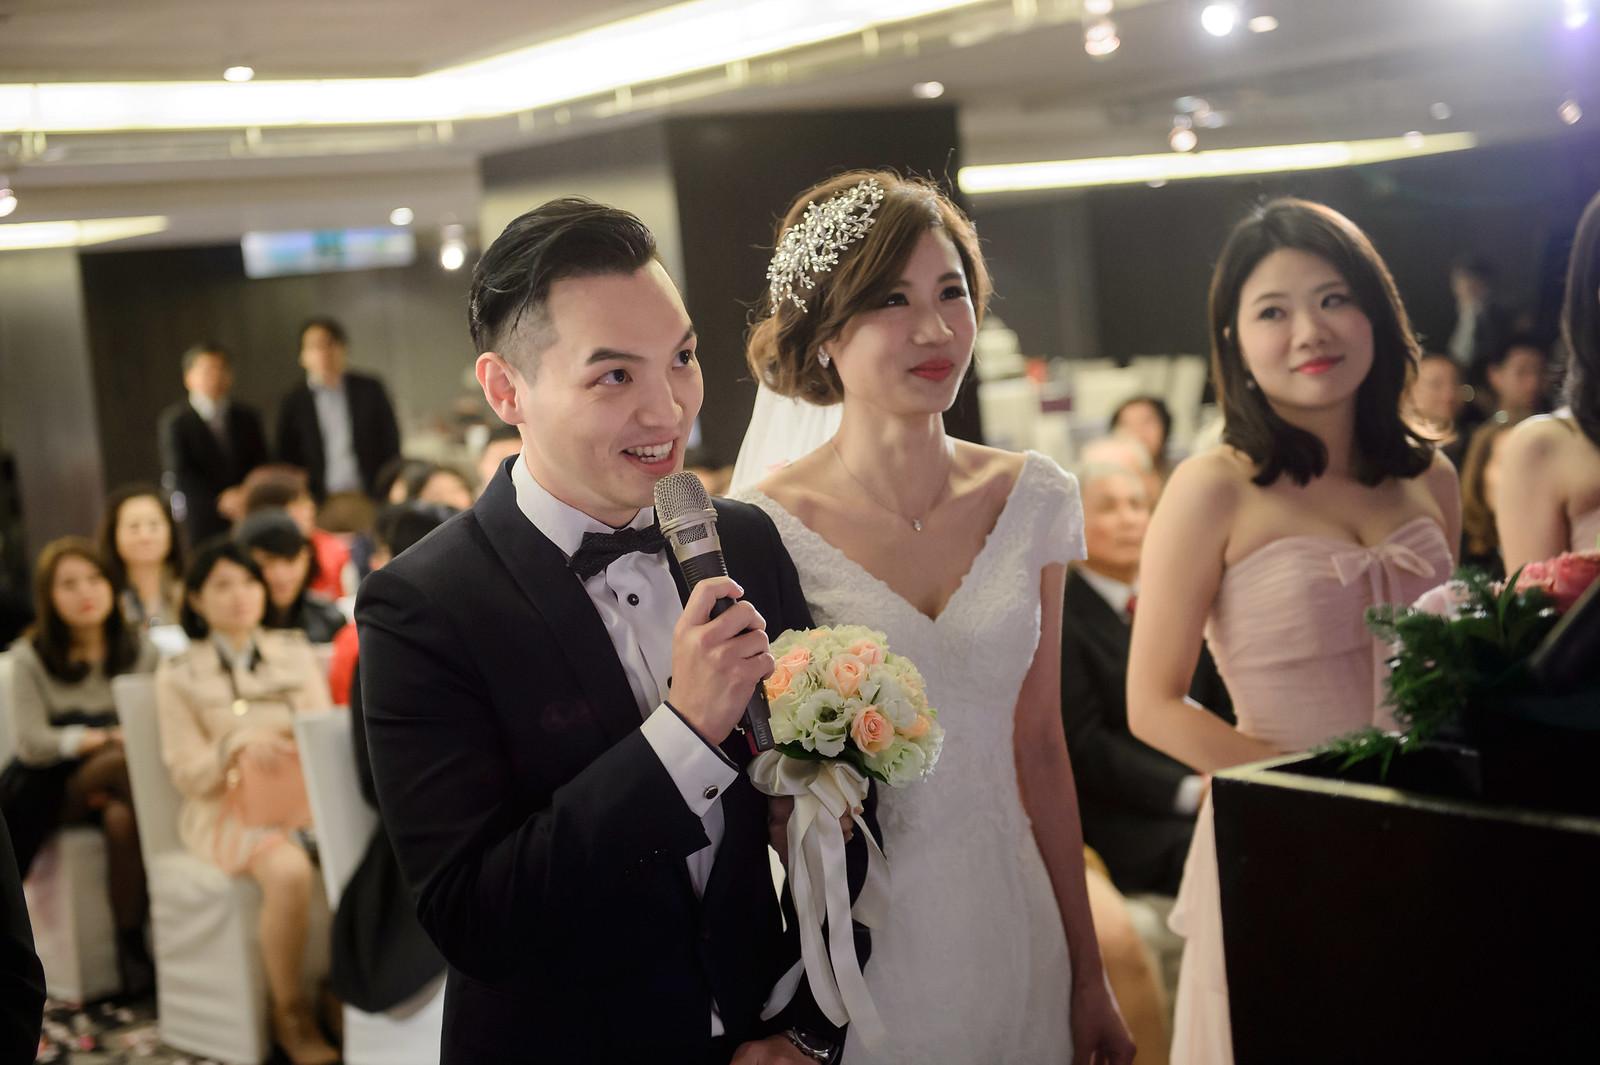 台北婚攝, 婚禮攝影, 婚攝, 婚攝守恆, 婚攝推薦, 晶華酒店, 晶華酒店婚宴, 晶華酒店婚攝-39